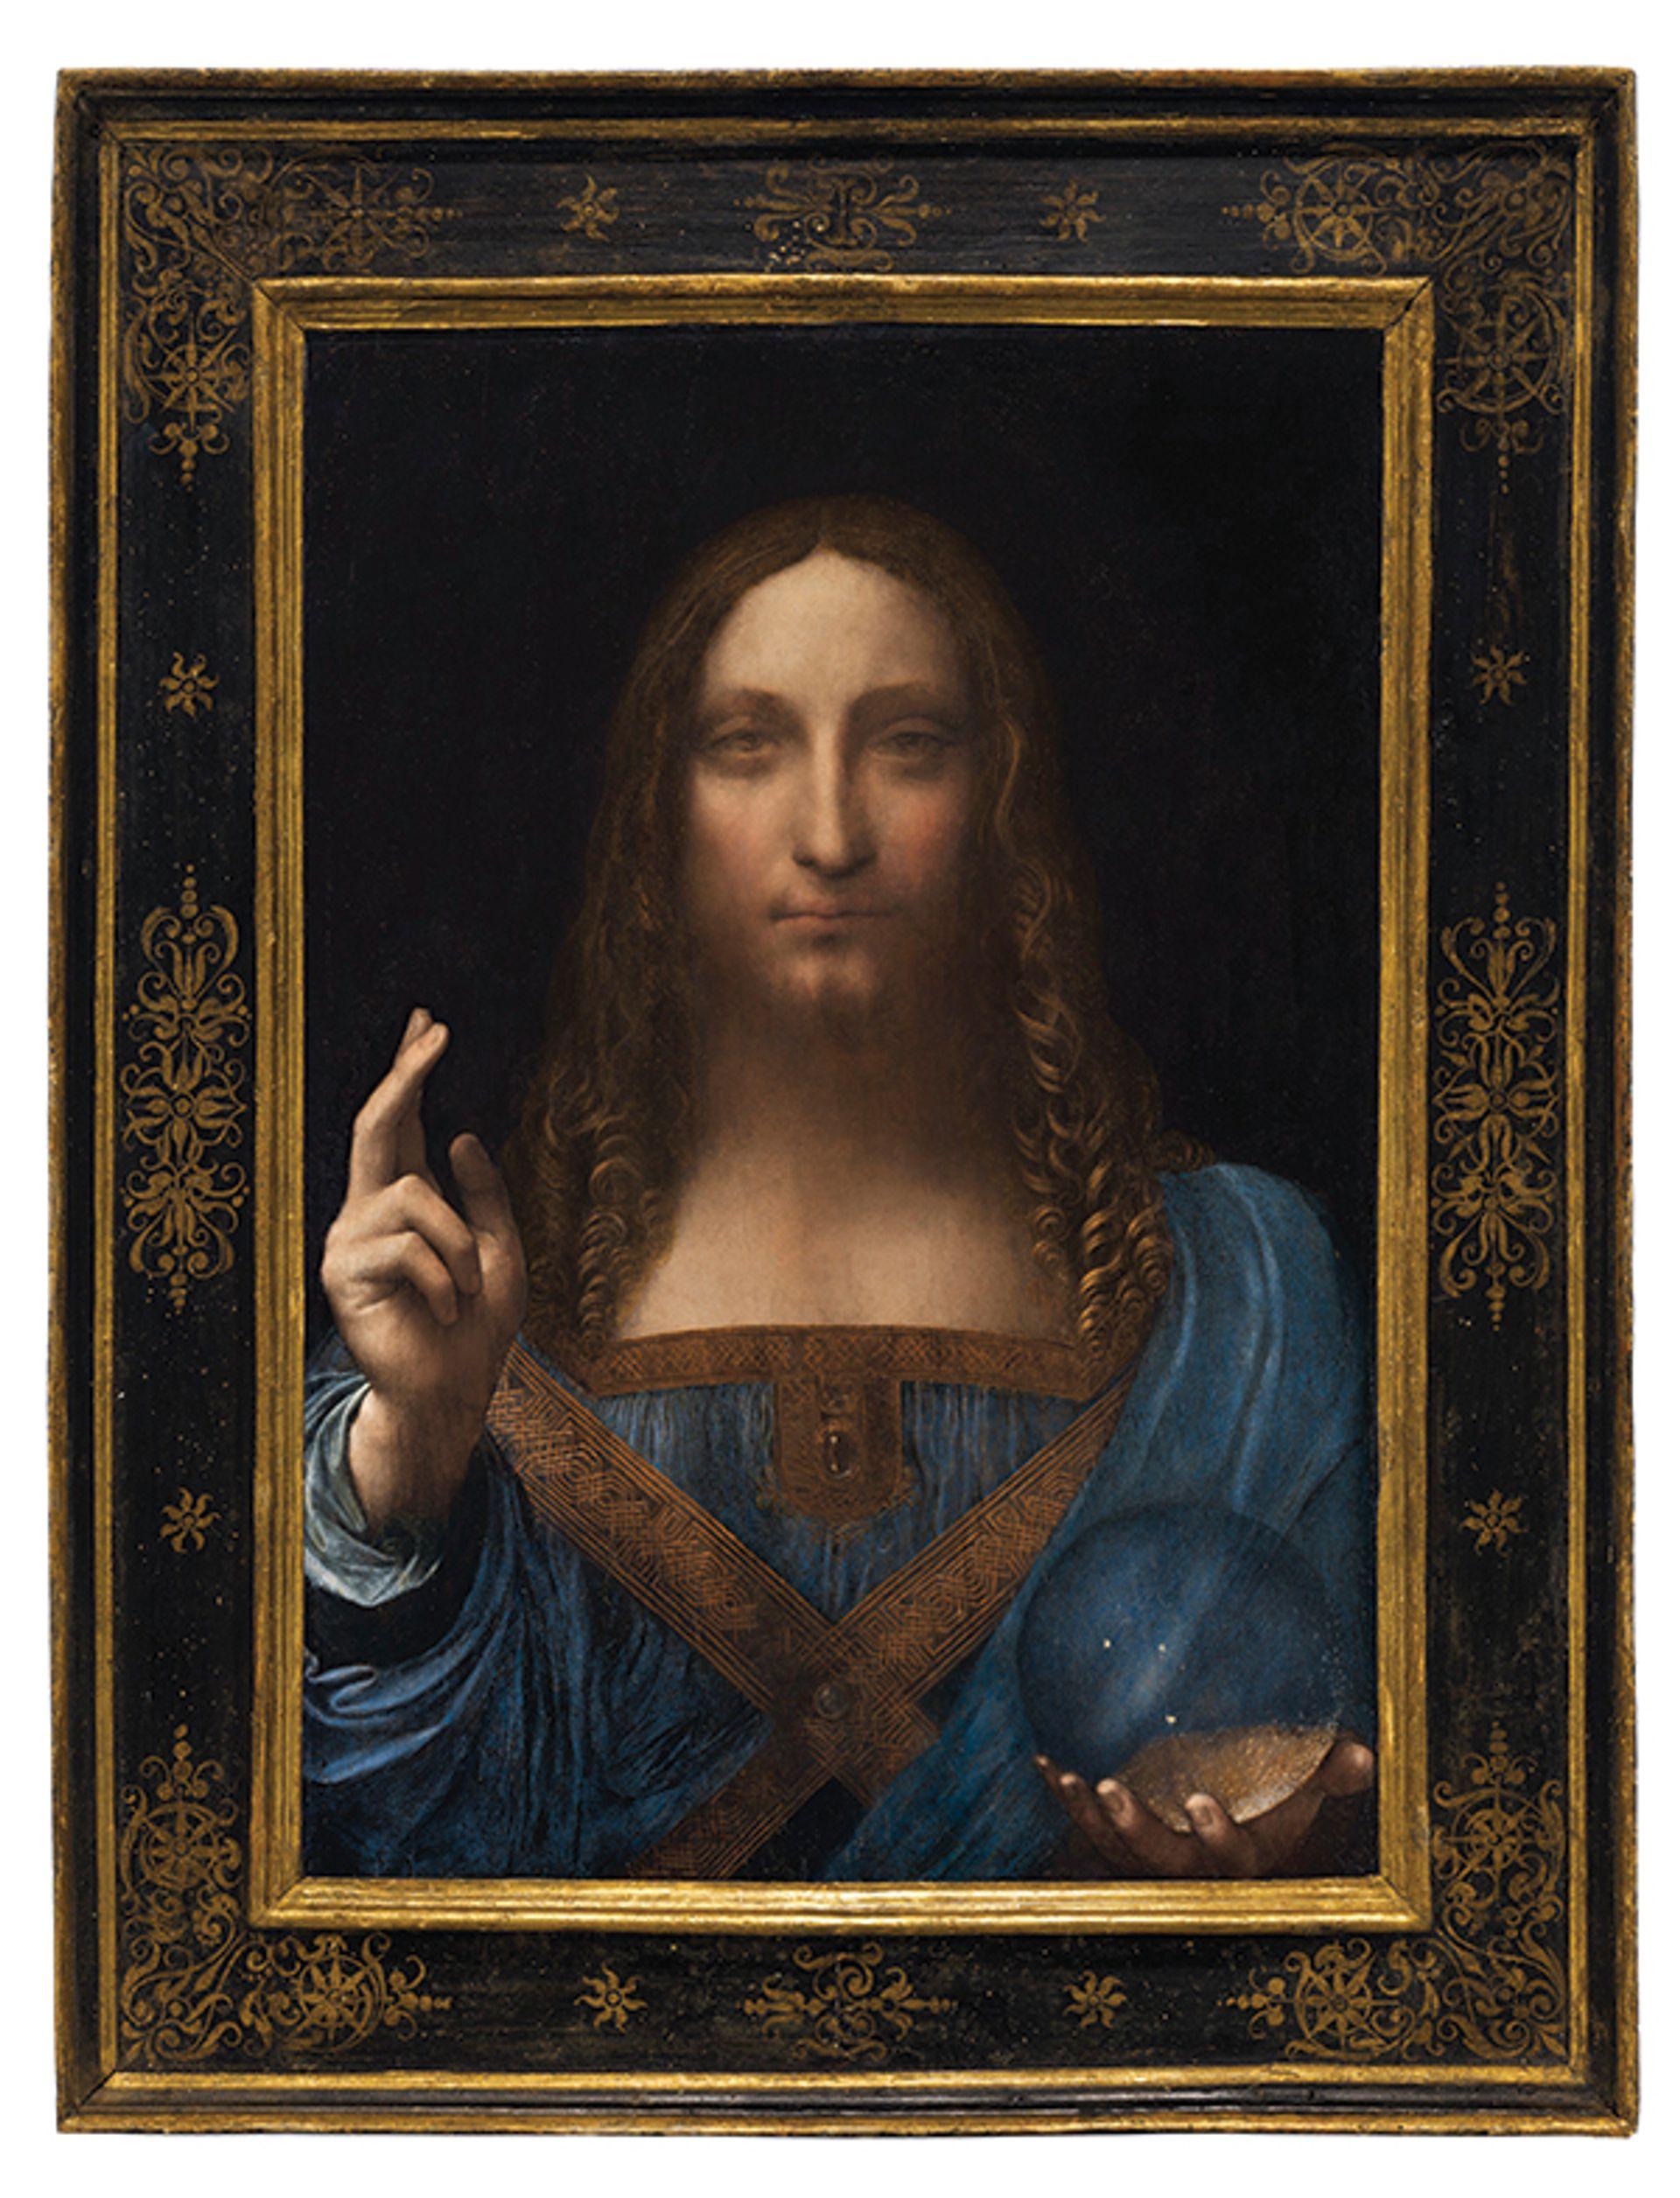 Leonardo da Vinci's Salvator Mundi Christie's Images, 2017